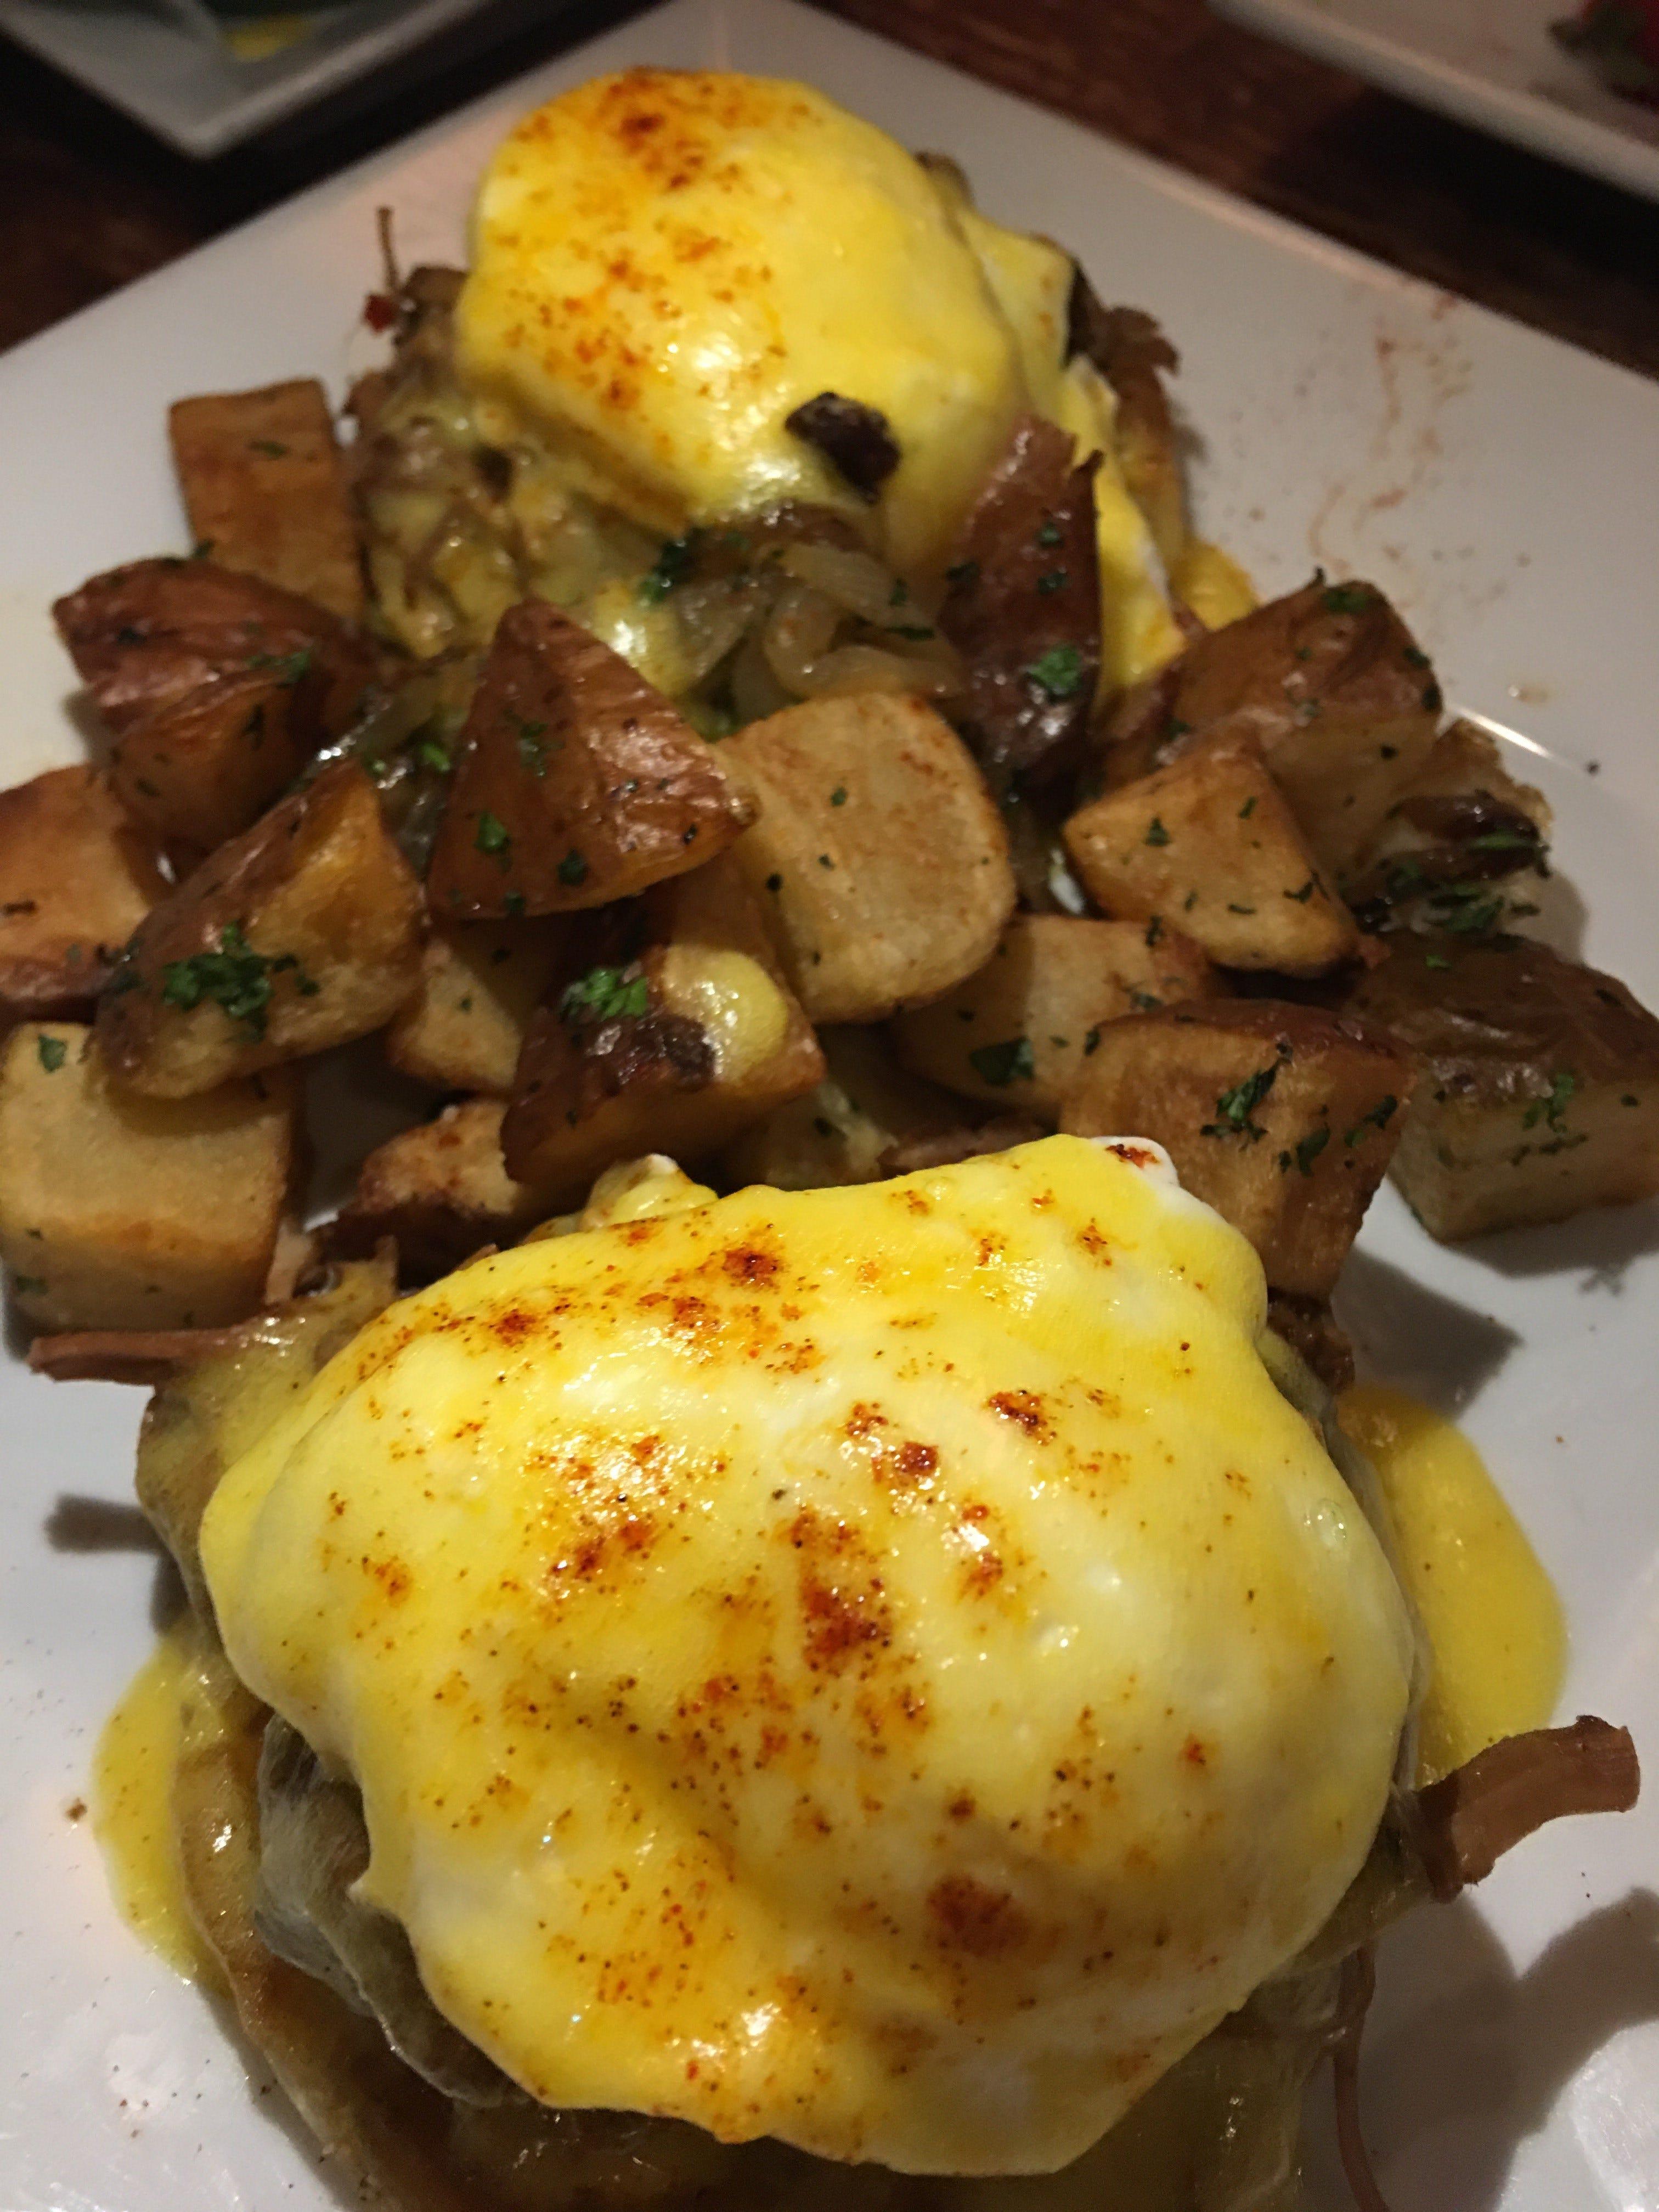 636595644383723857-HemmingHavana Restaurant Review: On the hunt for brunch? Check out Hemingway's Tavern in Melbourne